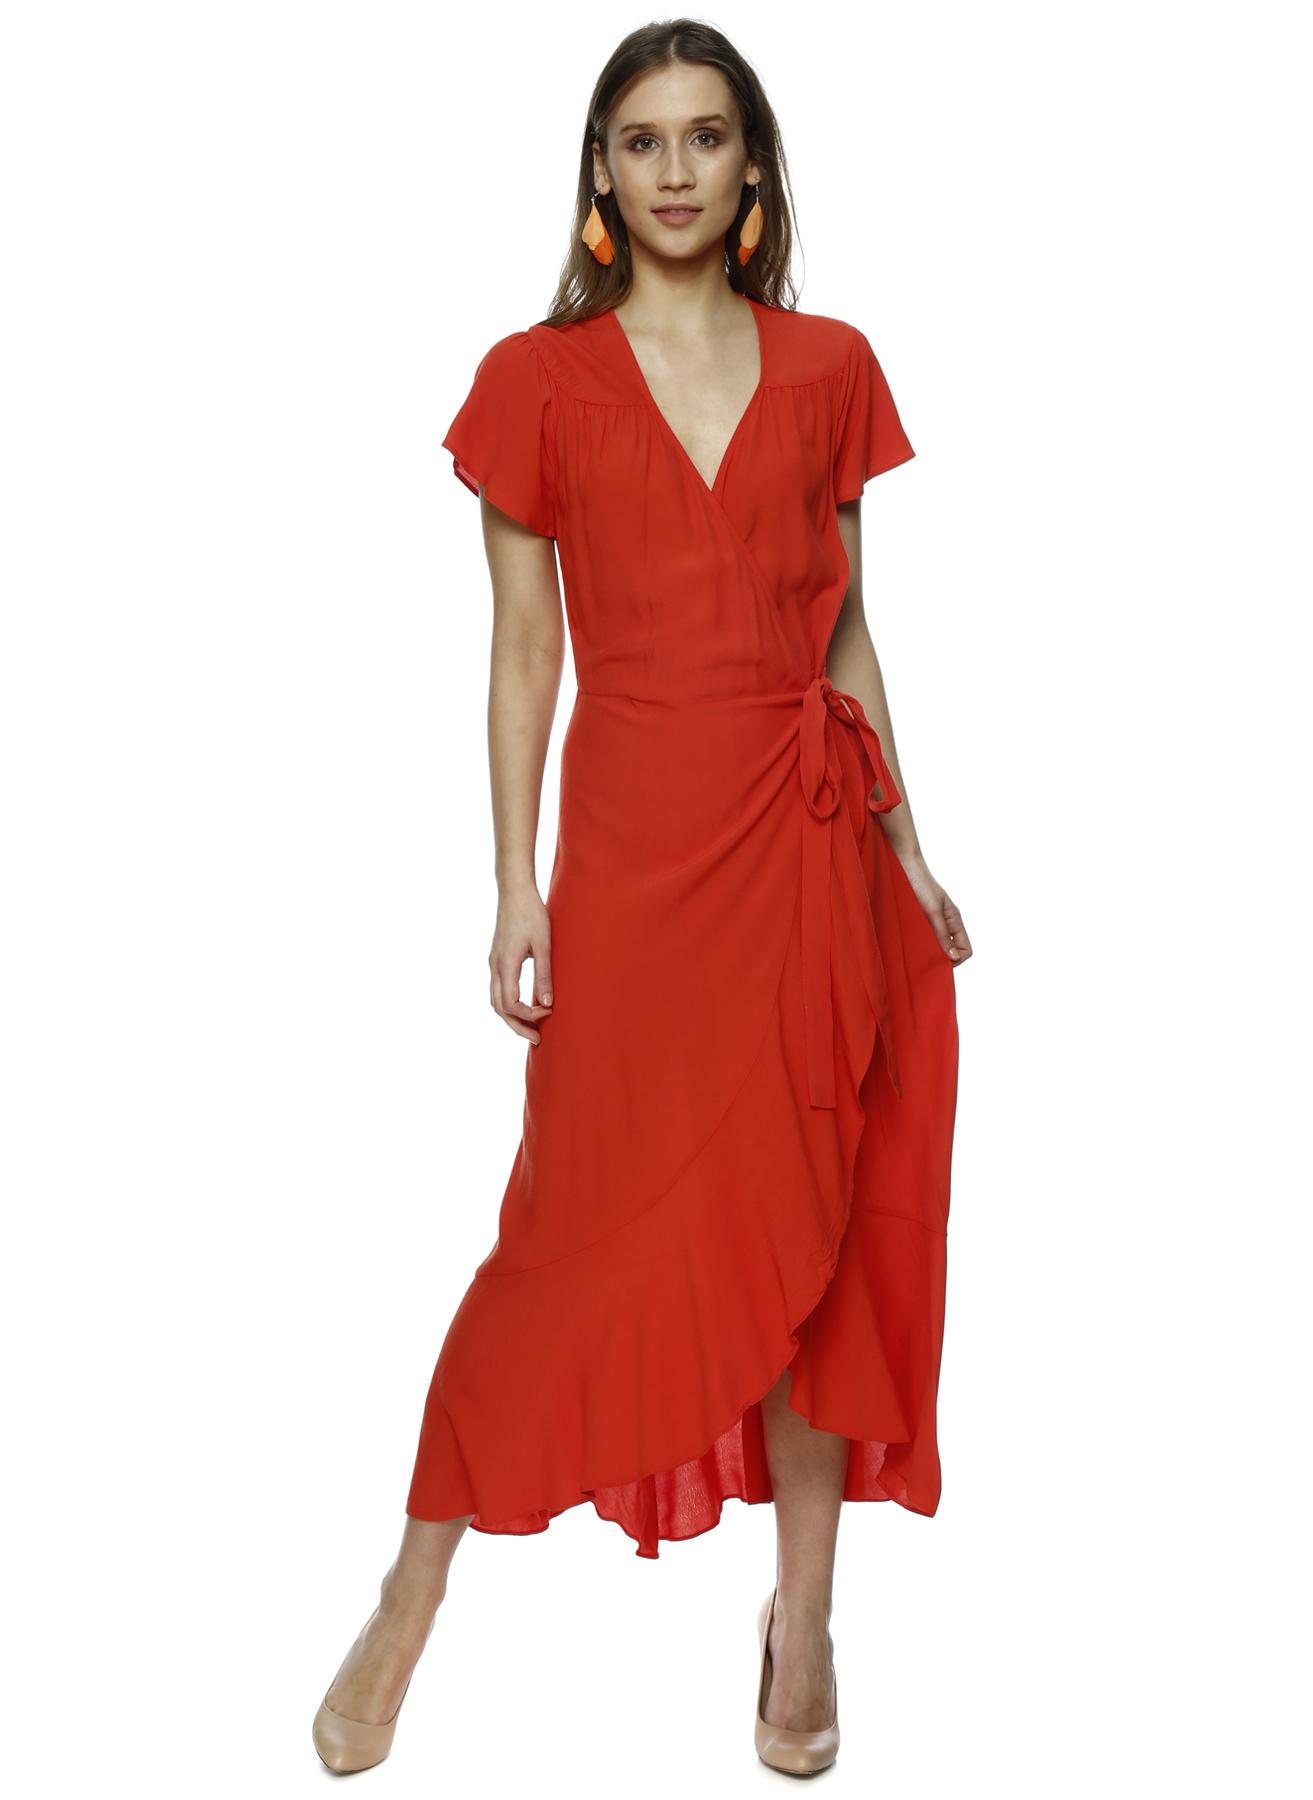 Random Kırmızı Kruvaze Yırtmaçlı Elbise 36 5000206221002 Ürün Resmi